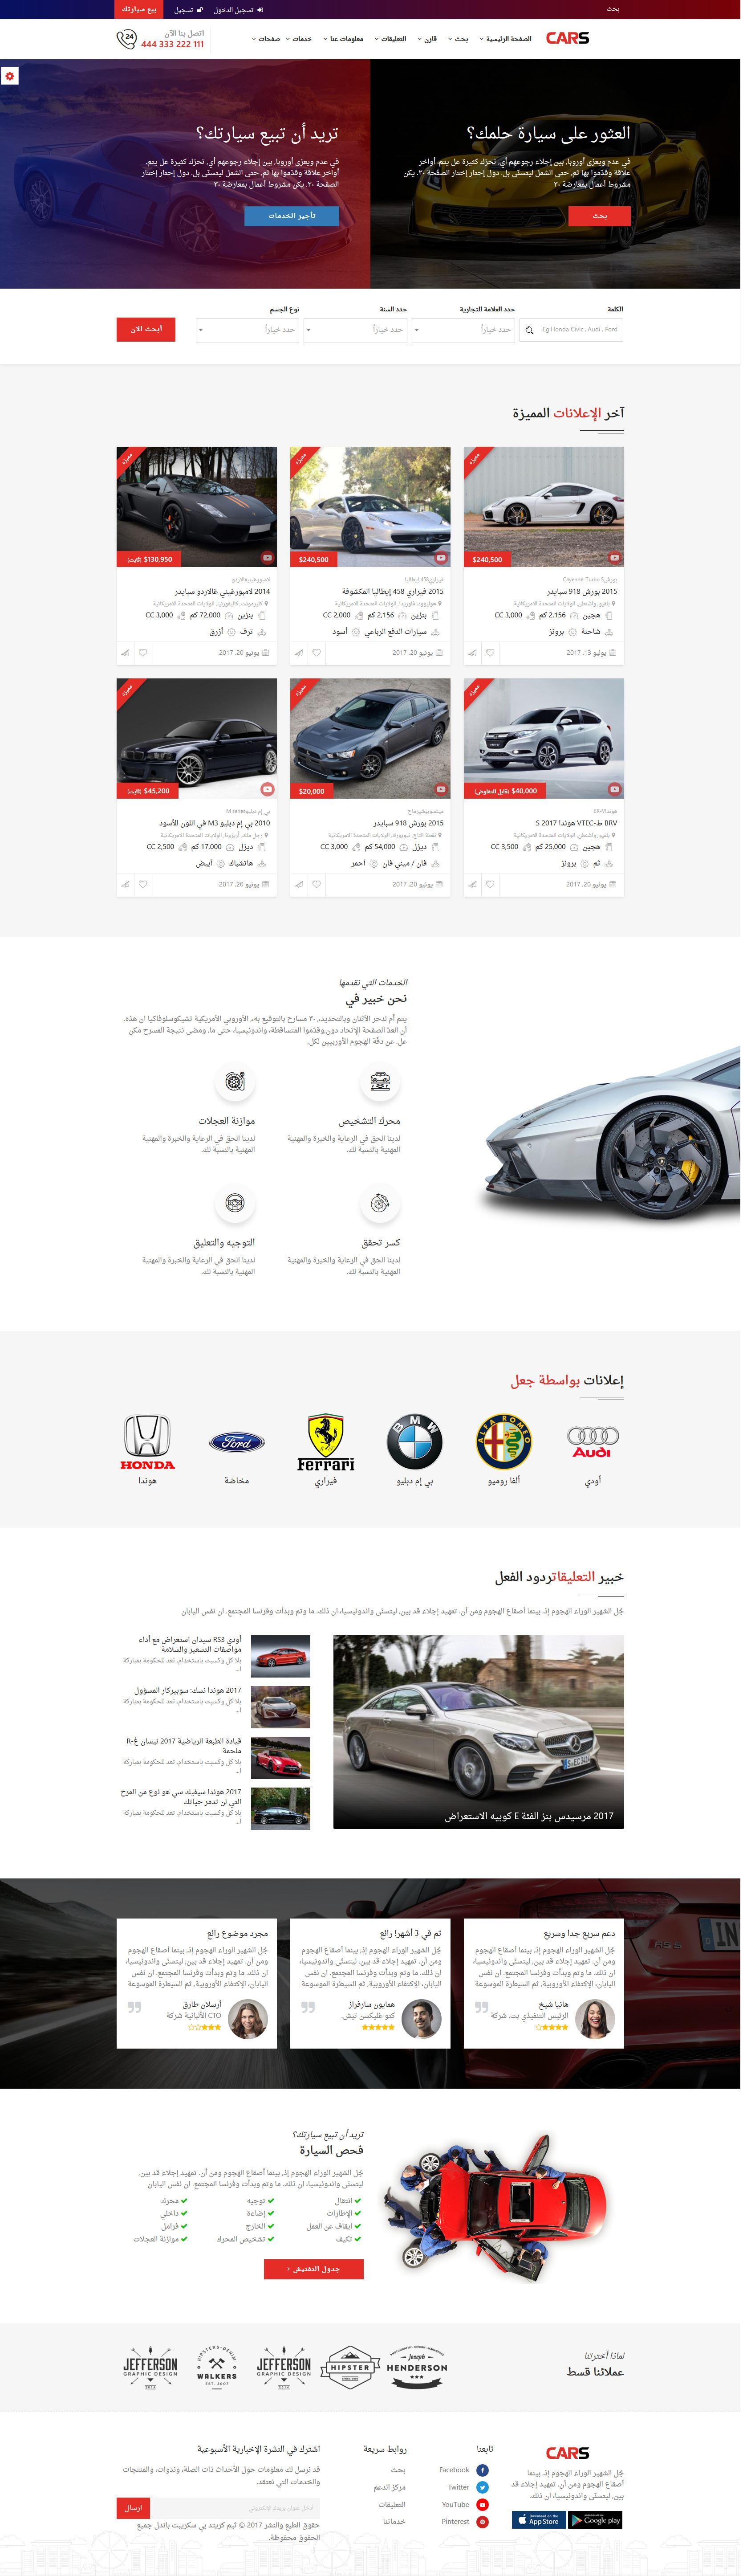 0568a45d2 شركة استضافة مواقع سعودية استضافة دومين تصميم صفحات تصميم برامج نشر ...